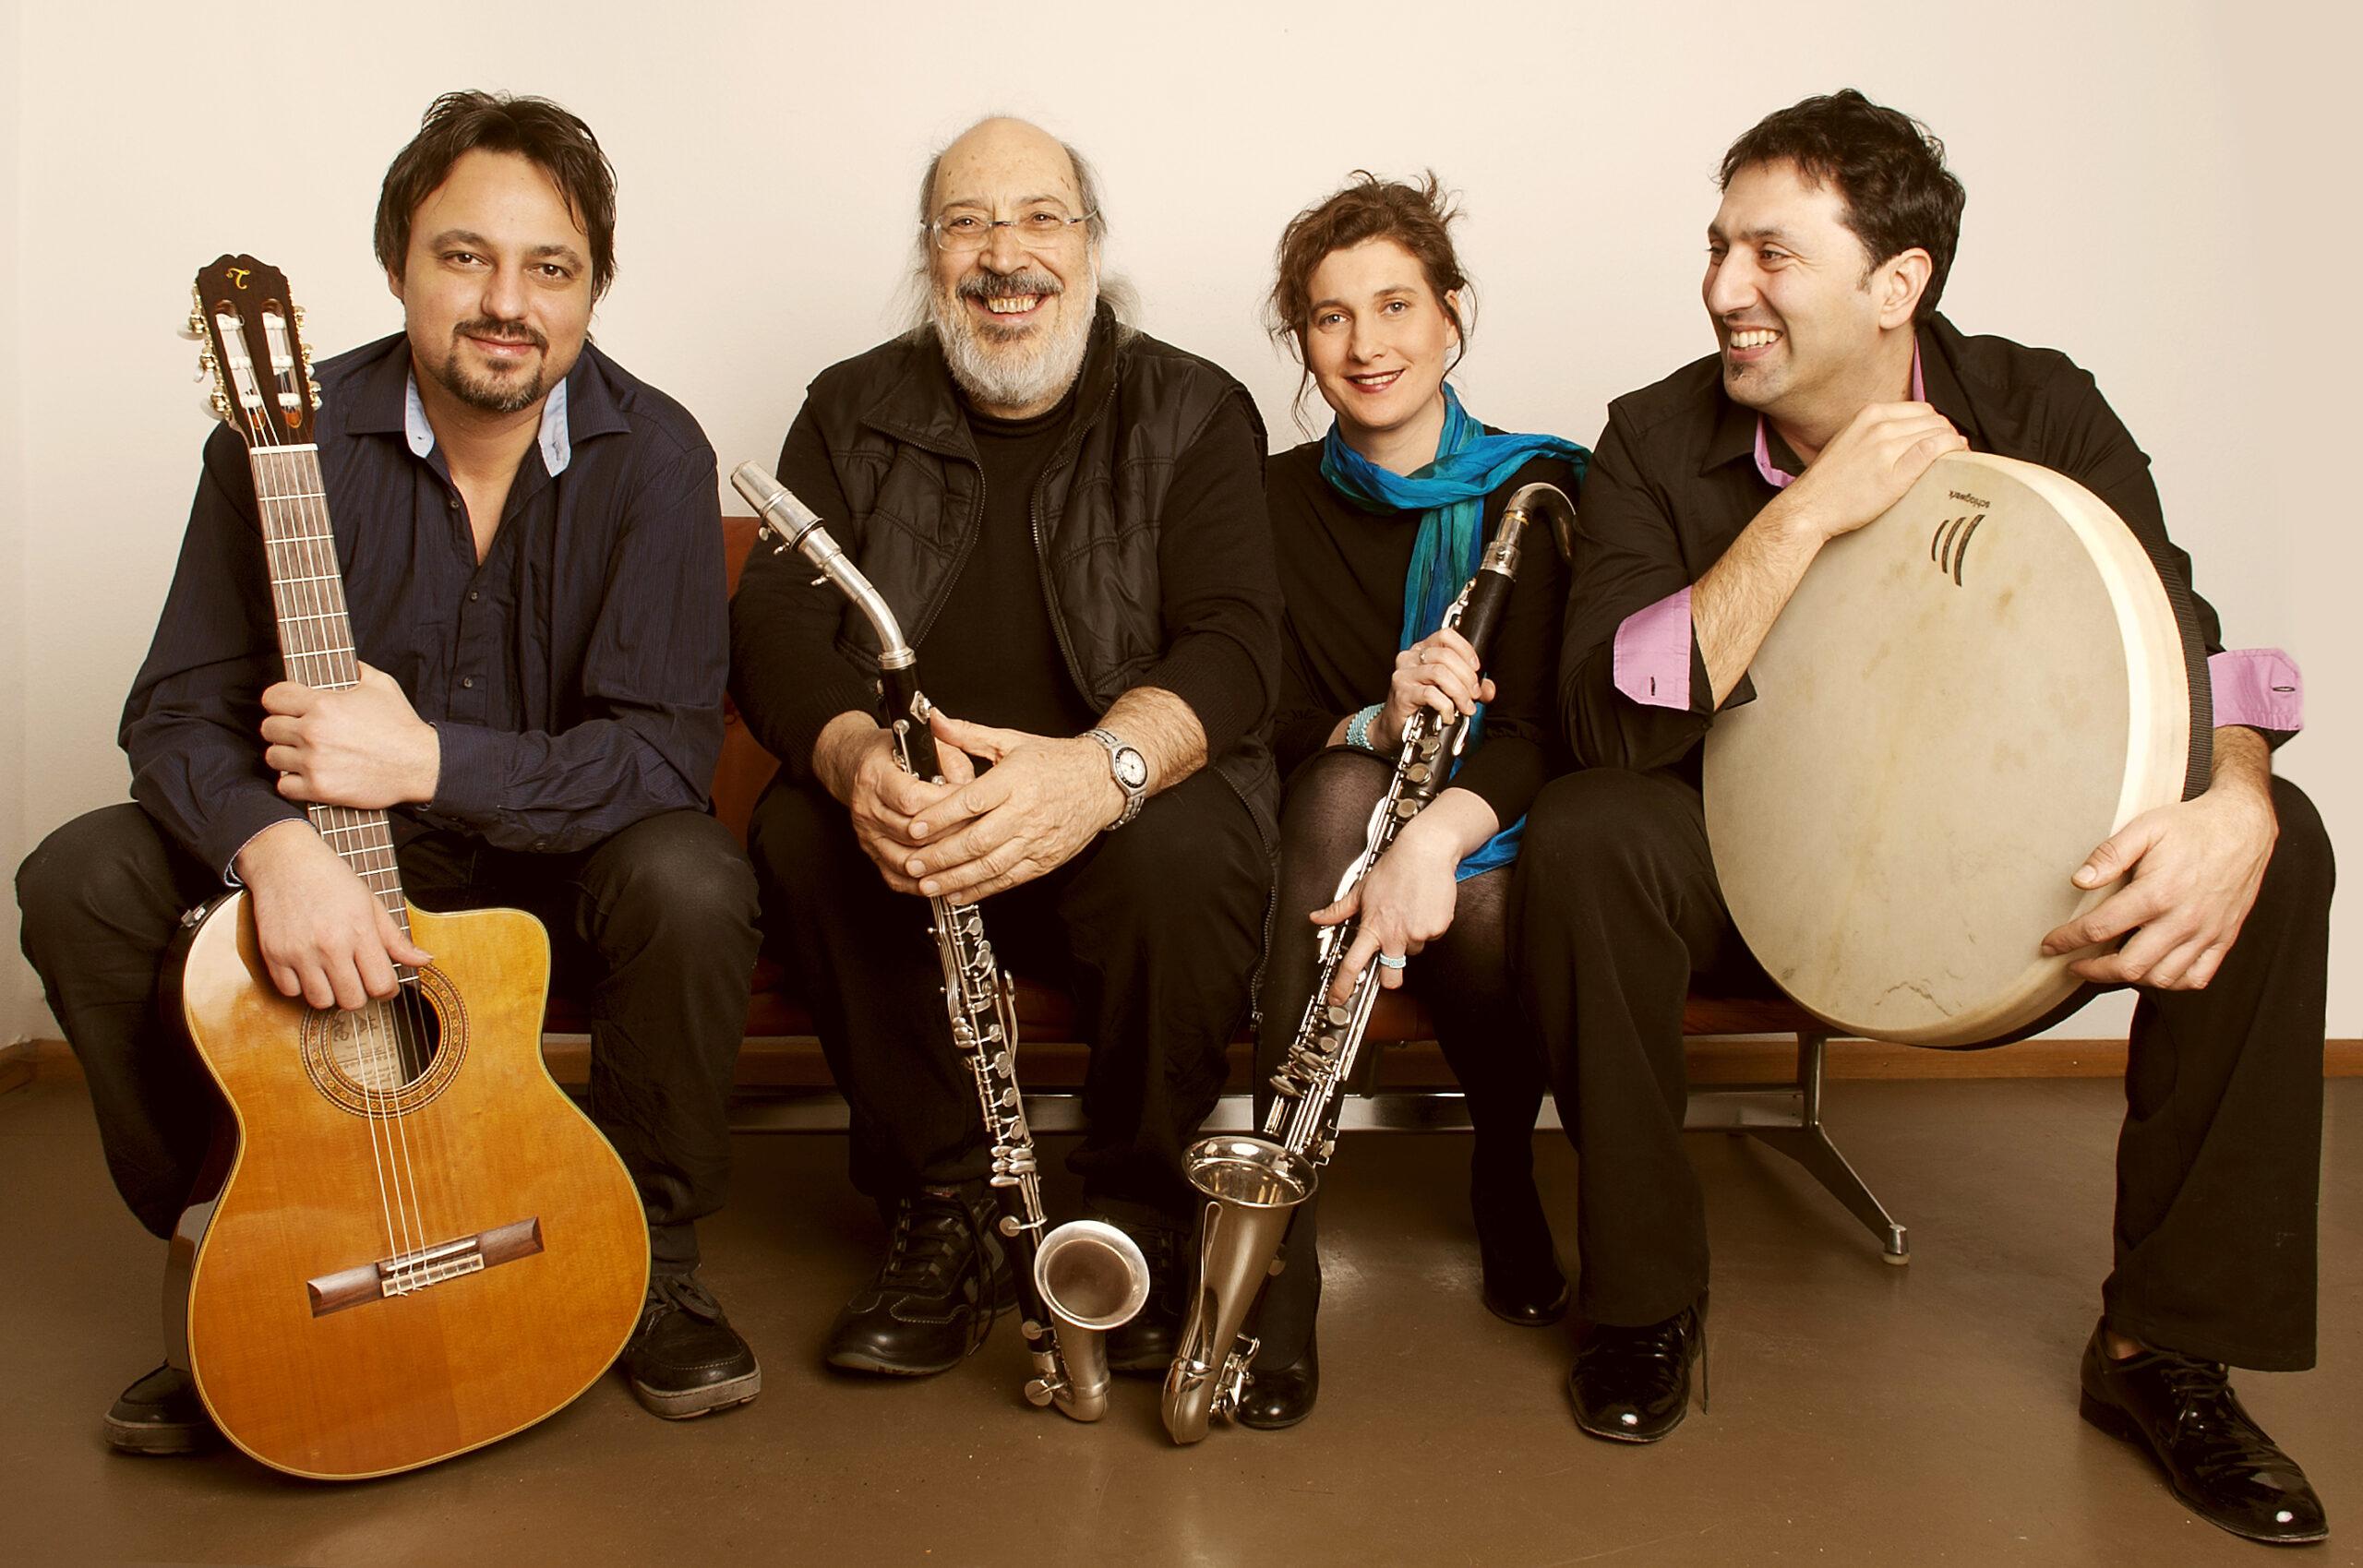 Papillons - Ensemble FisFüz & Gianluigi Trovesi